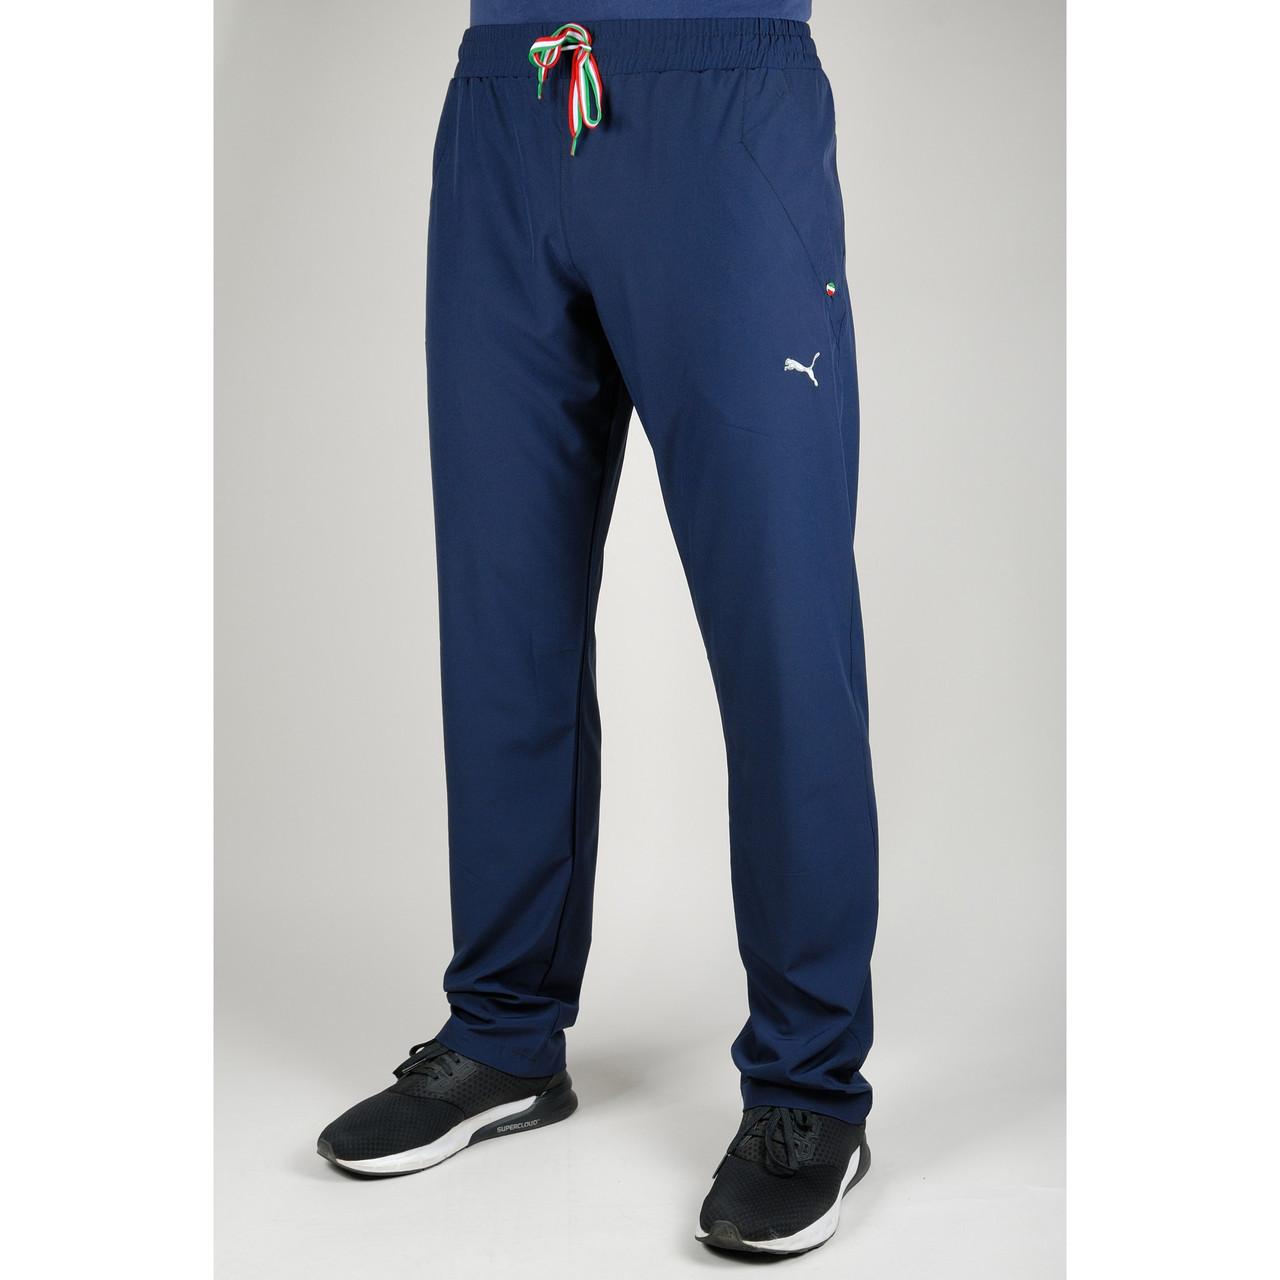 0d32cb6154a0 Мужские спортивные брюки Puma Ferrari - Торговая площадка